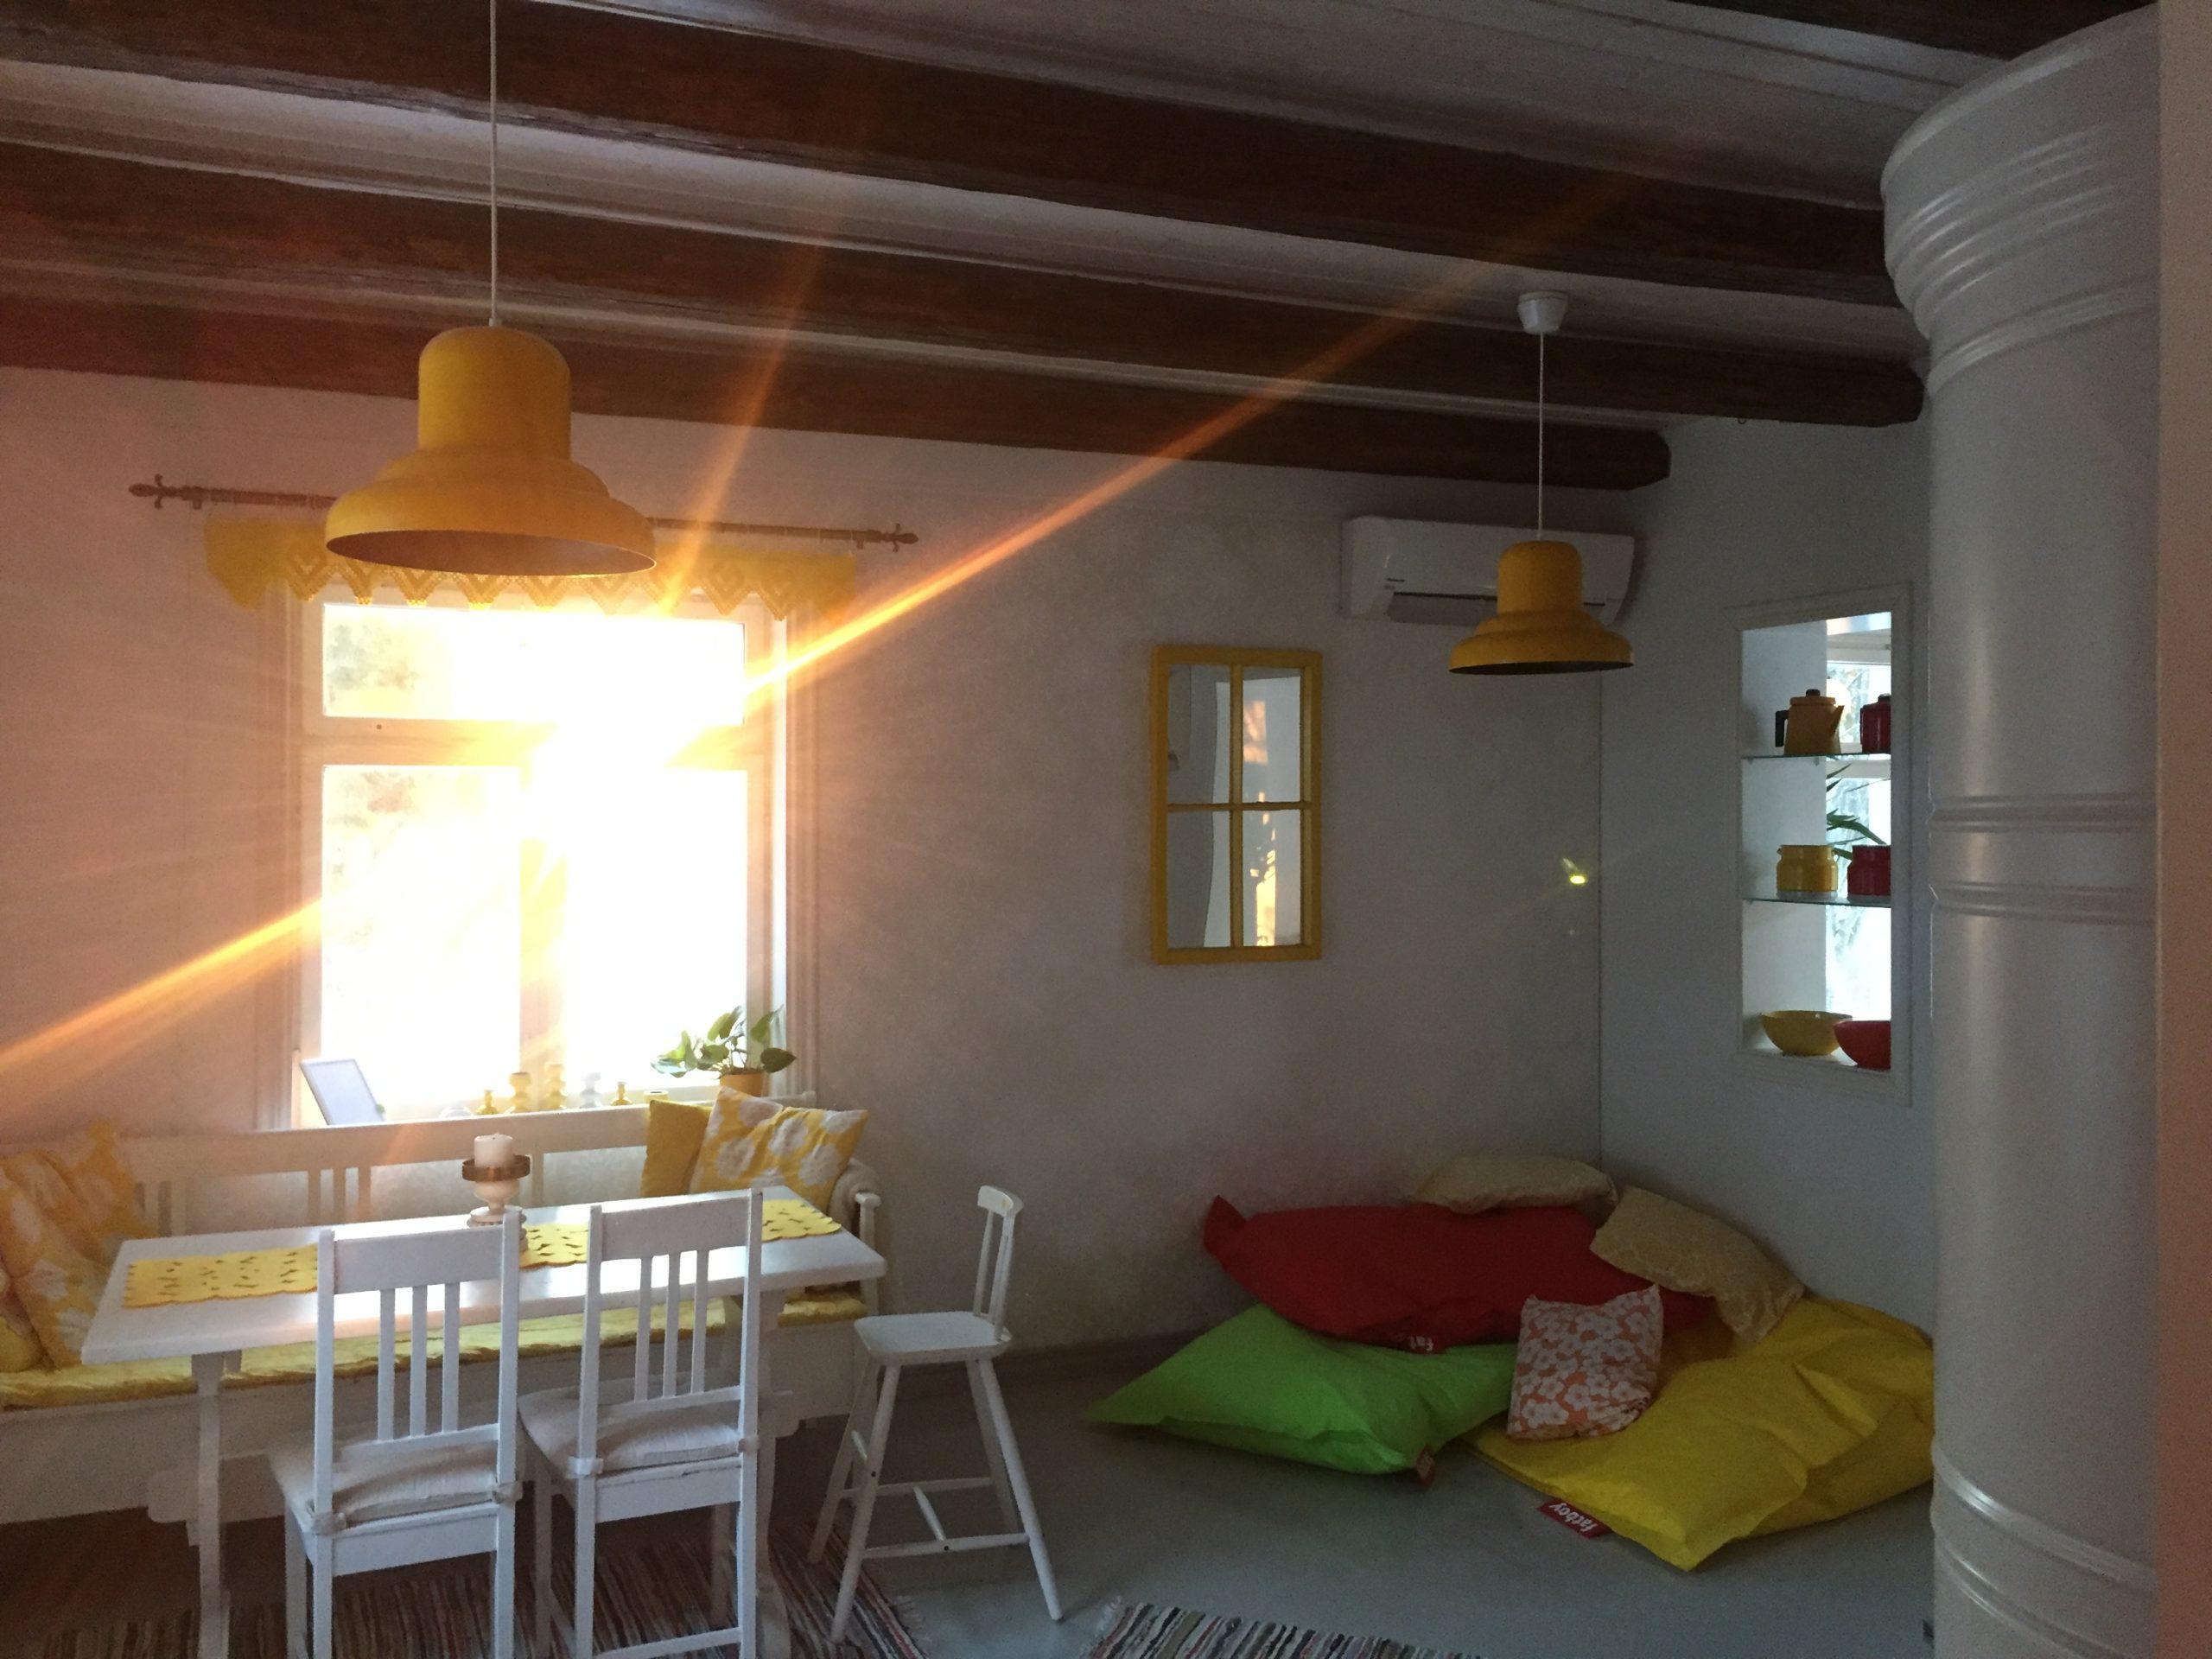 Elluyellow aurinkoinen keittiö